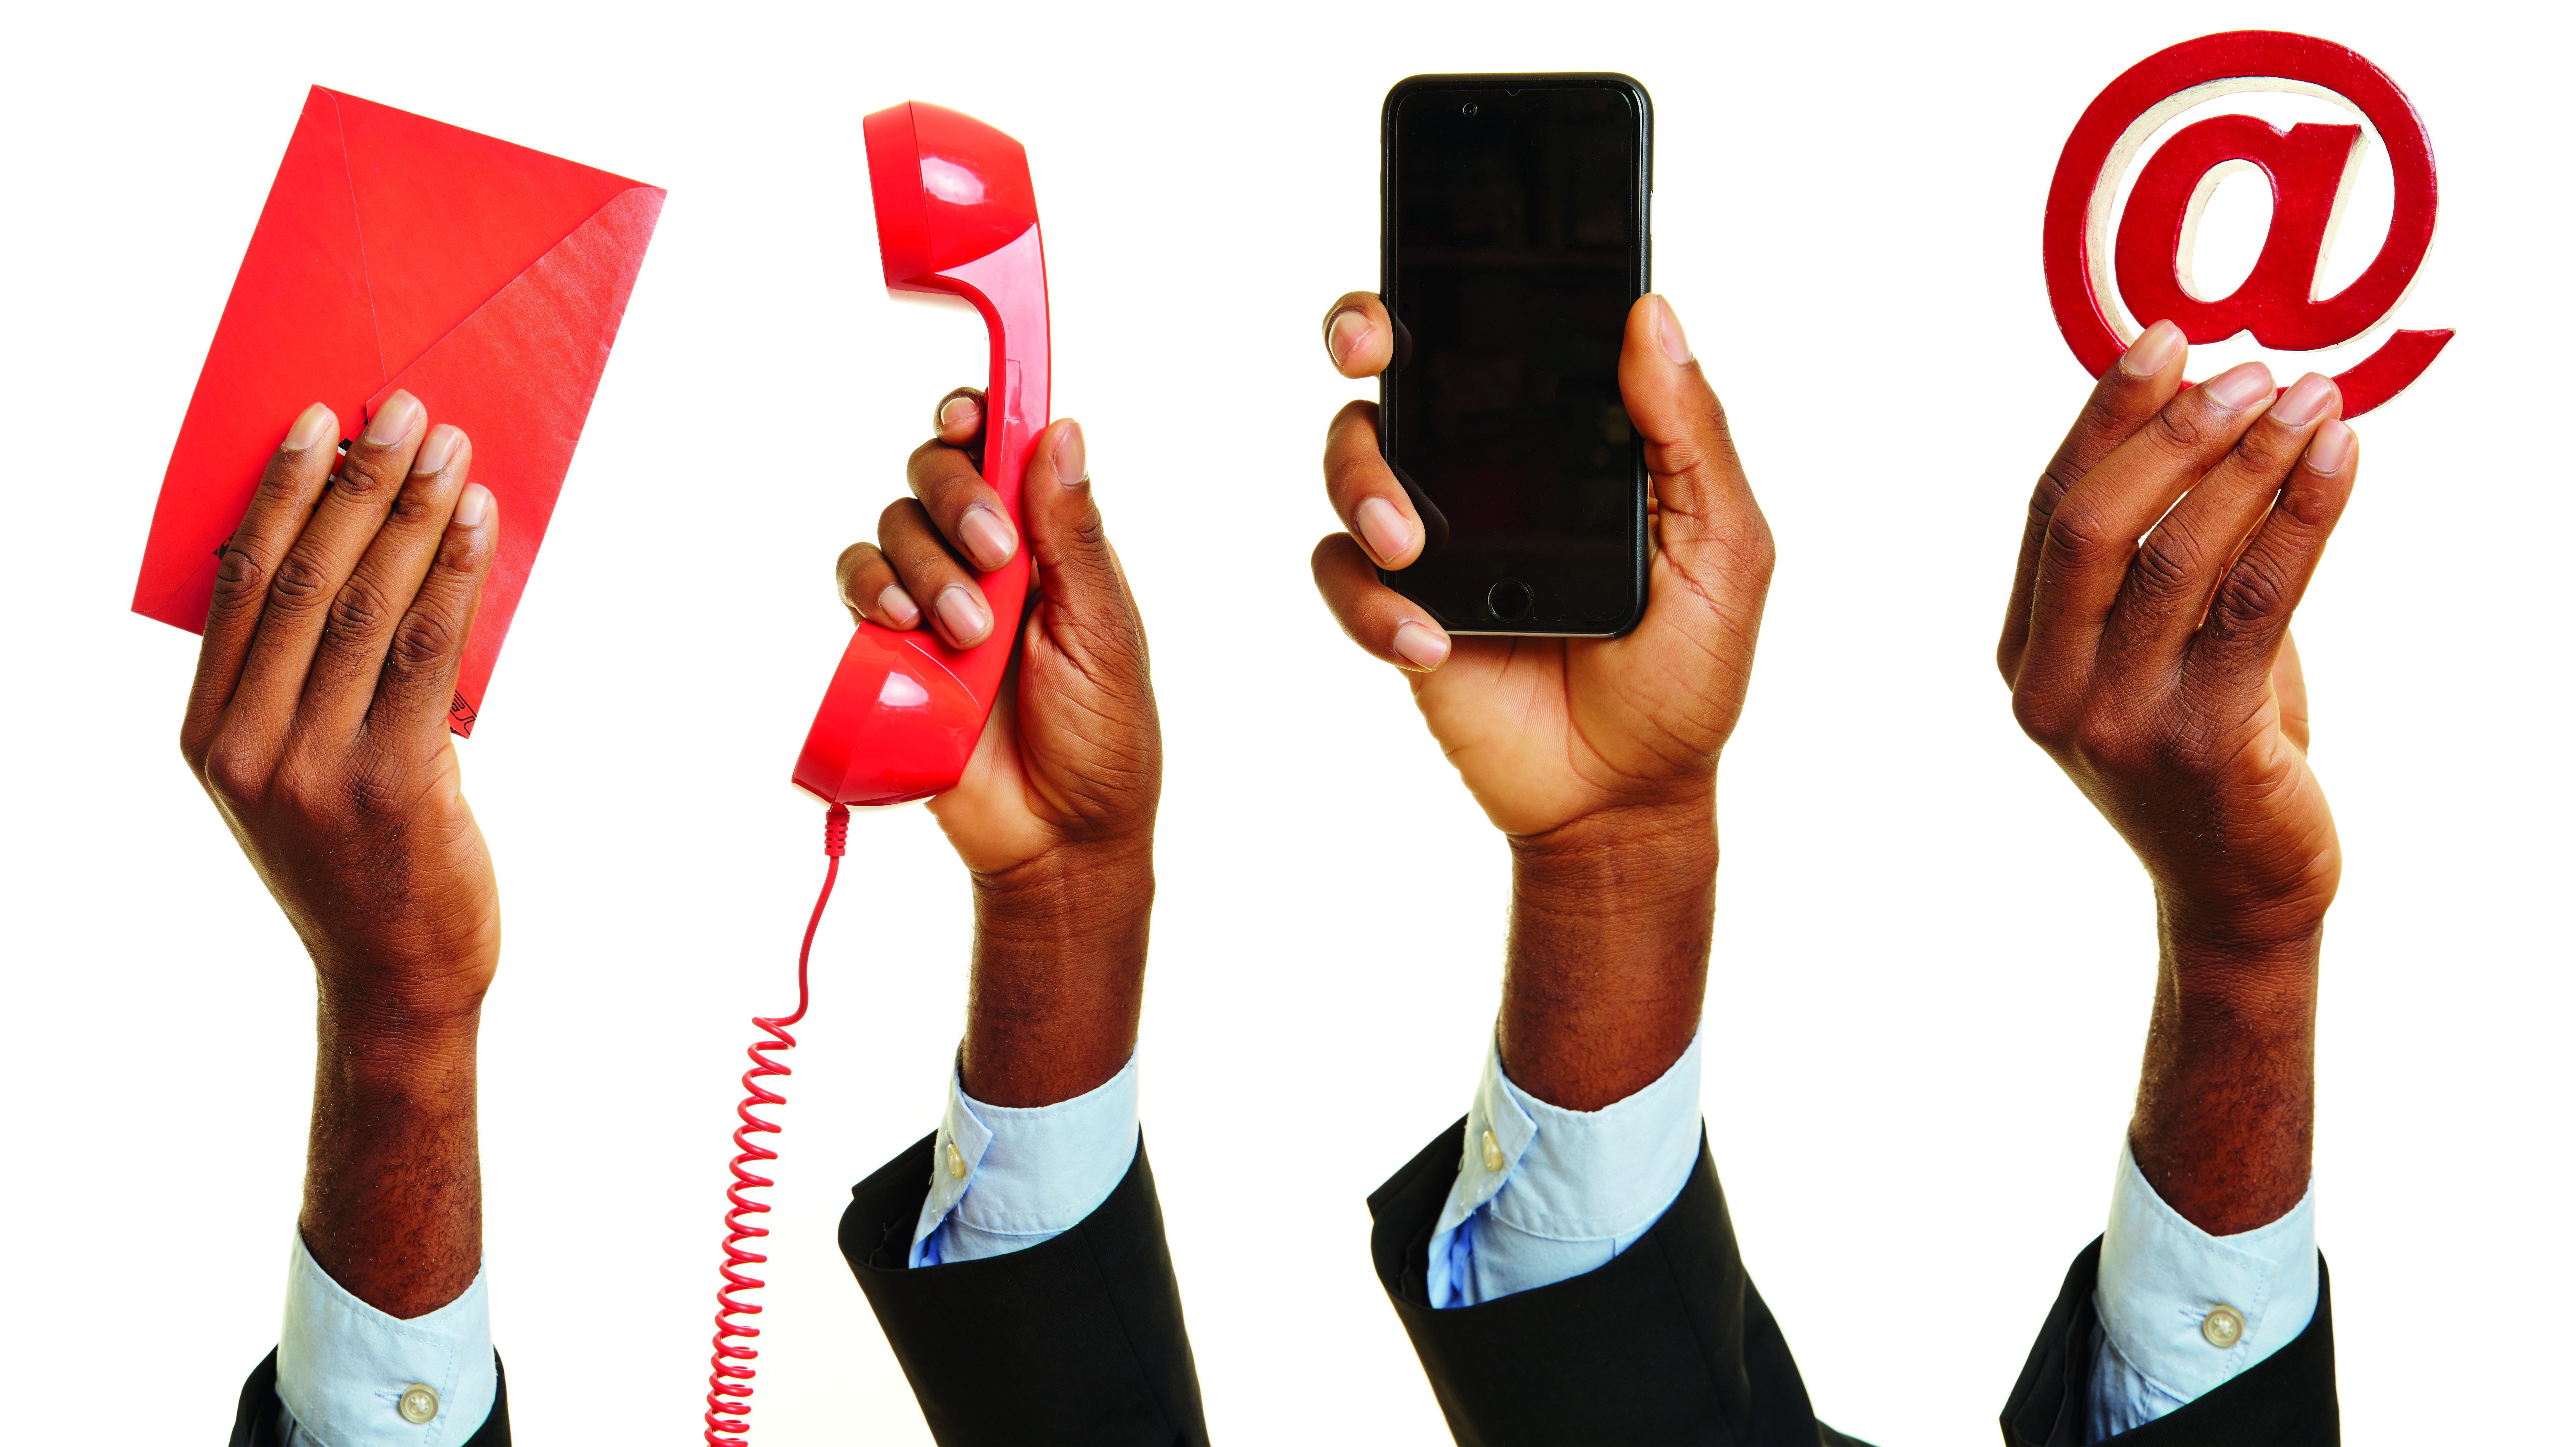 Kontakt mit dem Kundendienst via Brief, Email oder Telefon